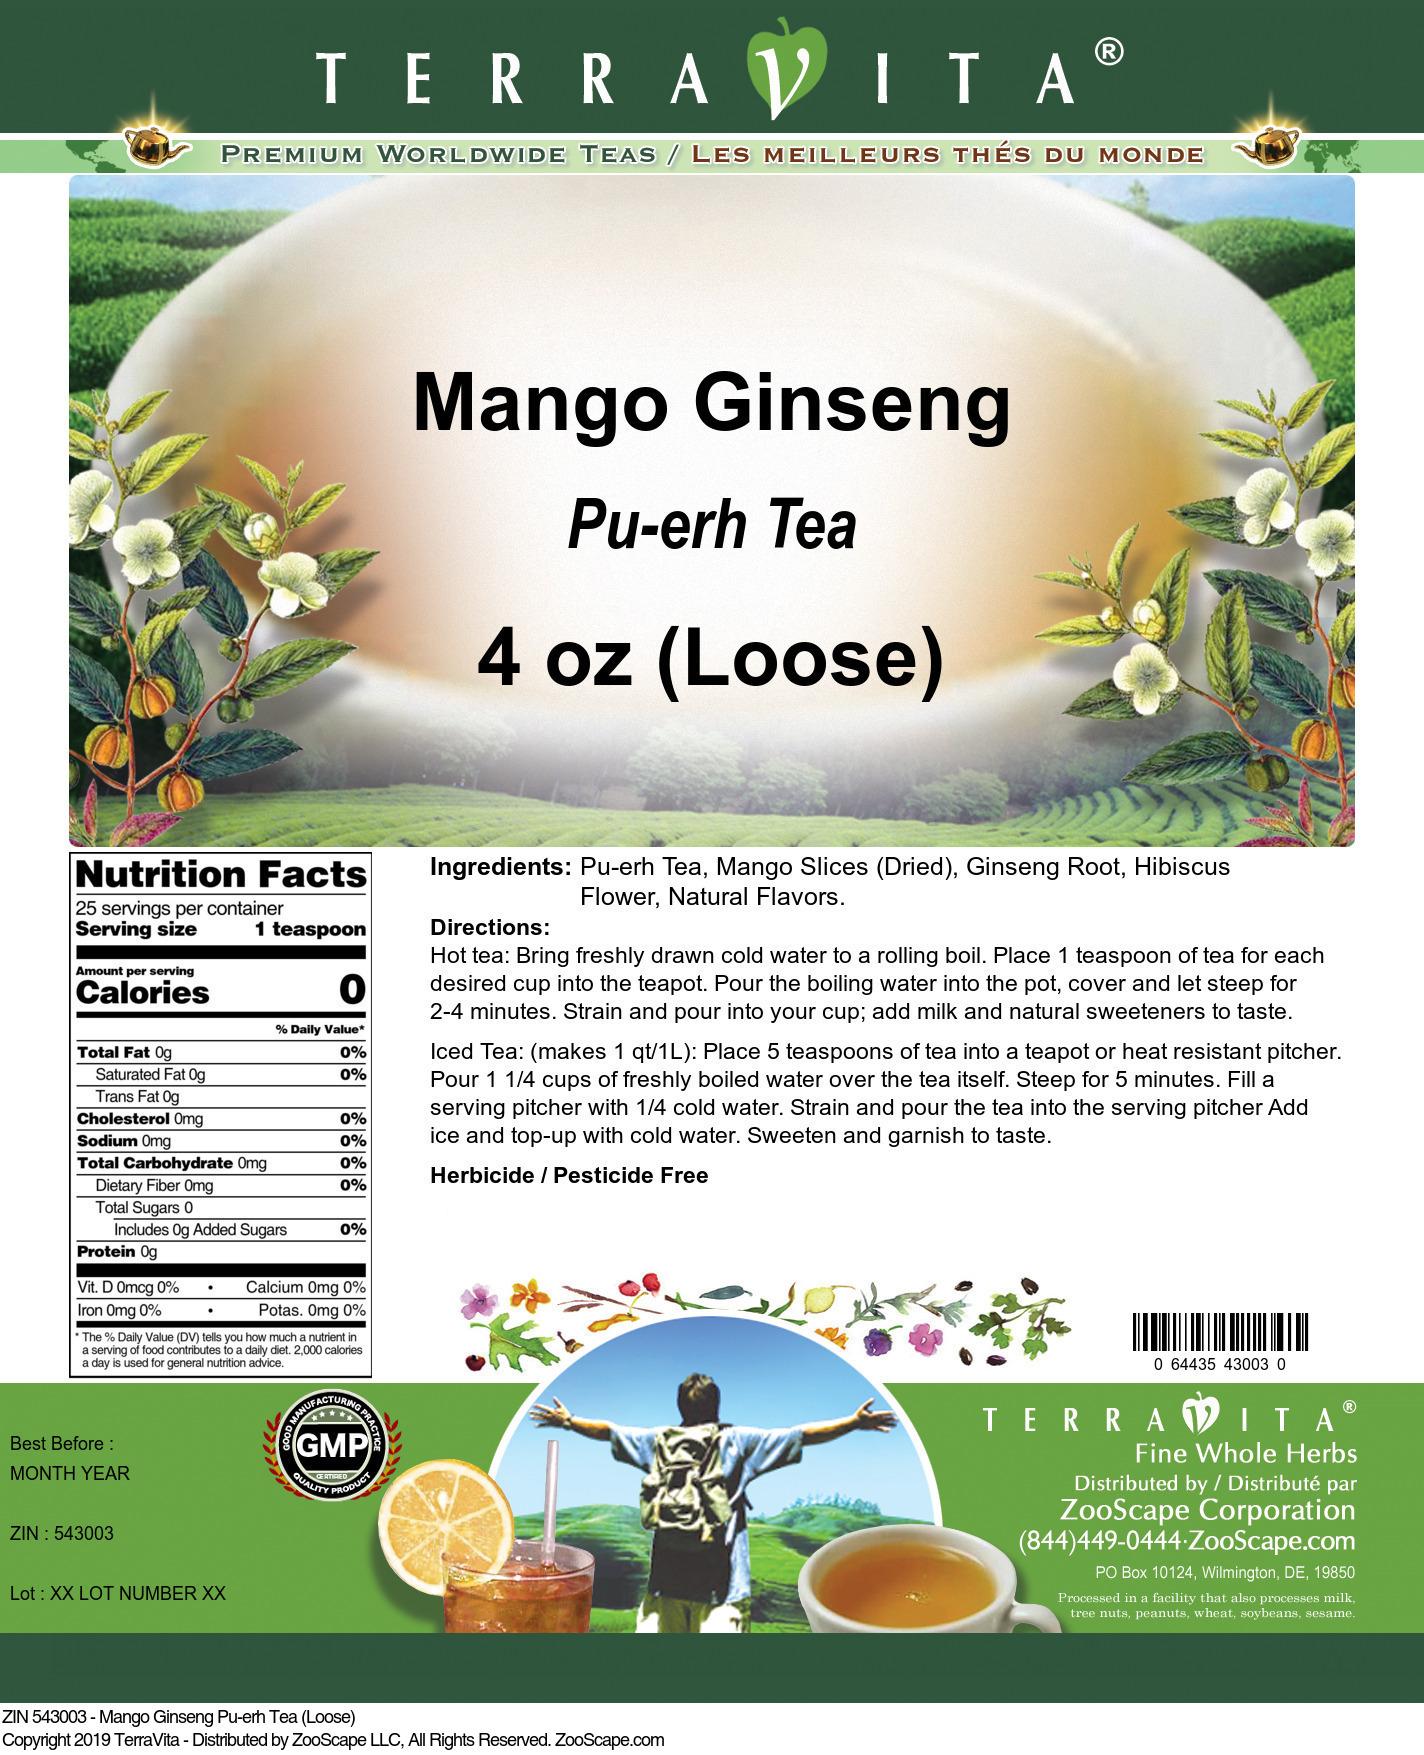 Mango Ginseng Pu-erh Tea